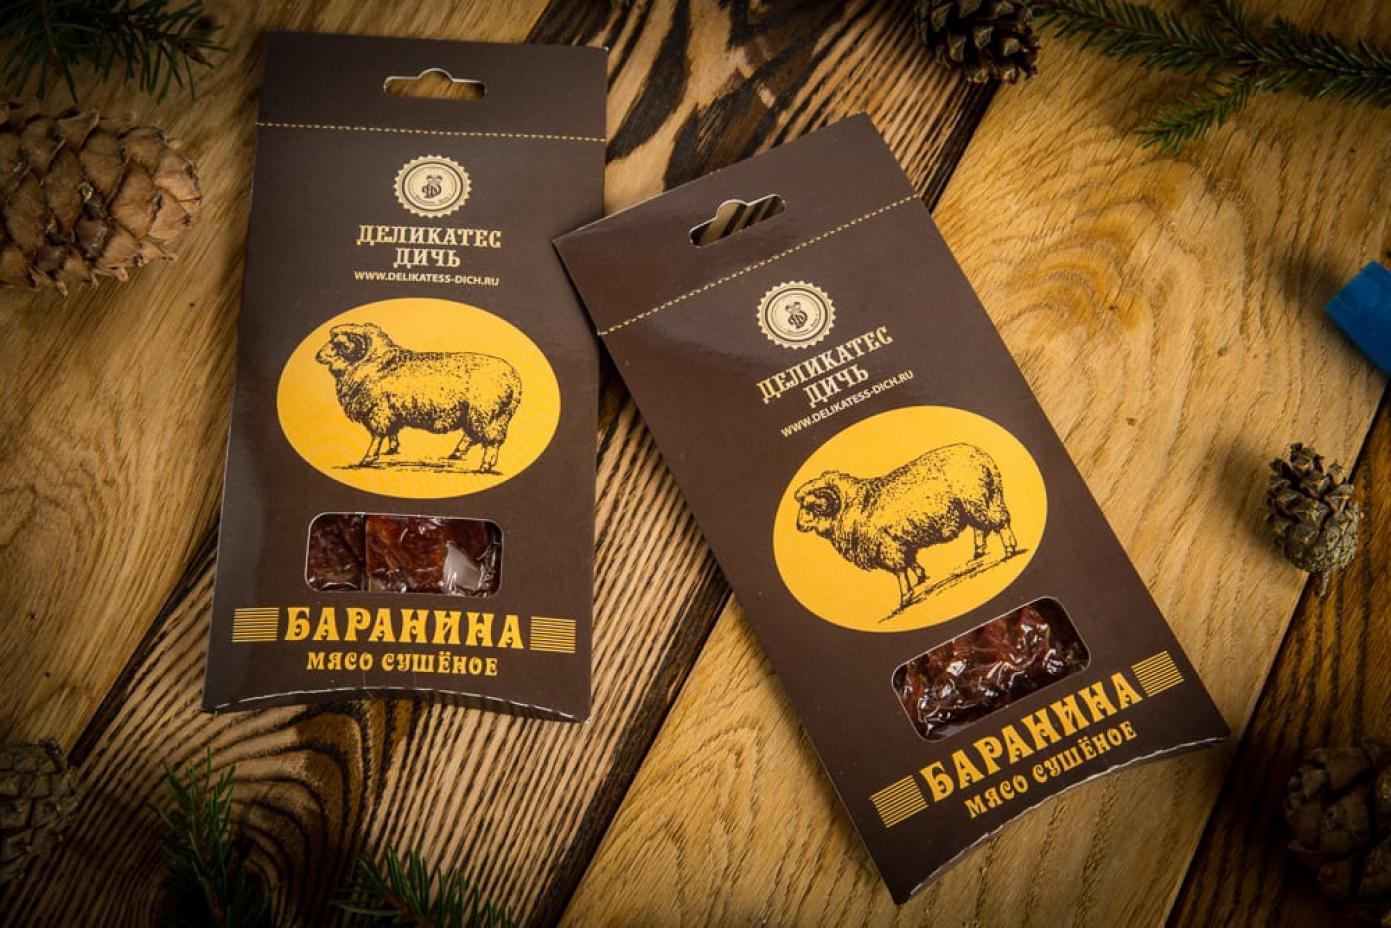 Сушеное мясо Баранины в подарочной упаковке 35г